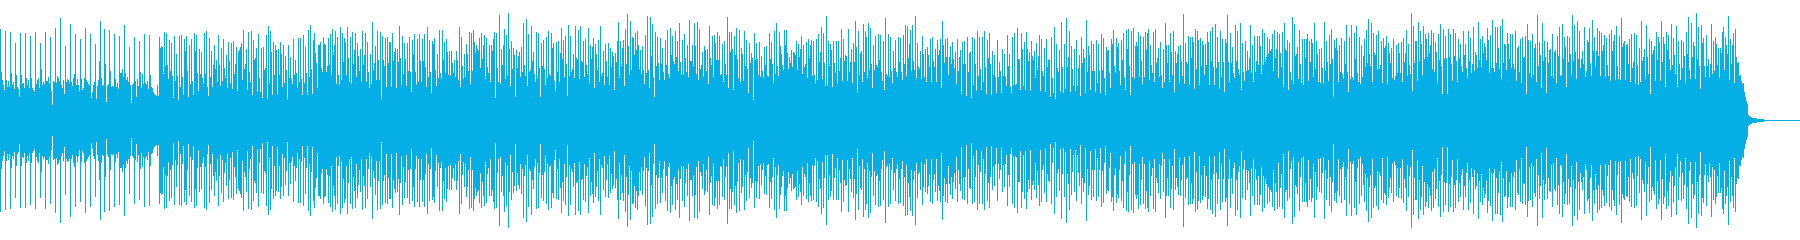 口笛やギターが明るく軽快なBGMの再生済みの波形